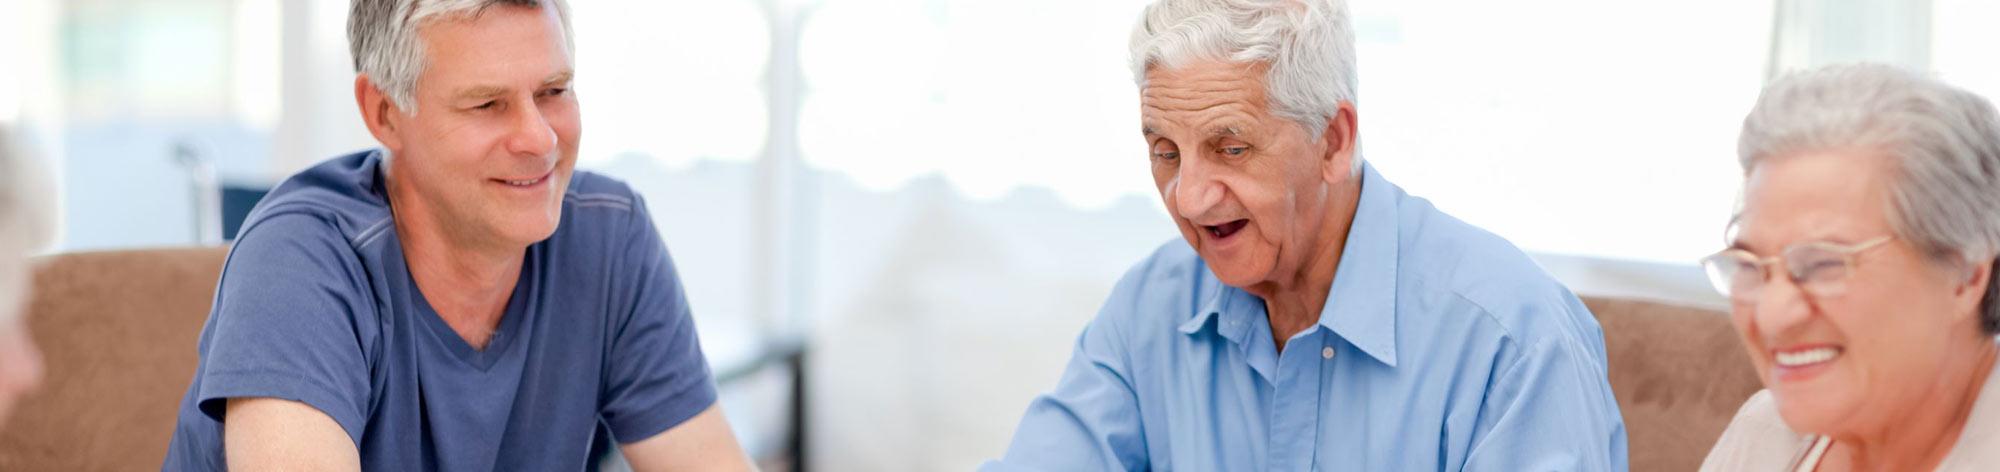 גבר בגיל העמידה יושב לצד הוריו המבוגרים